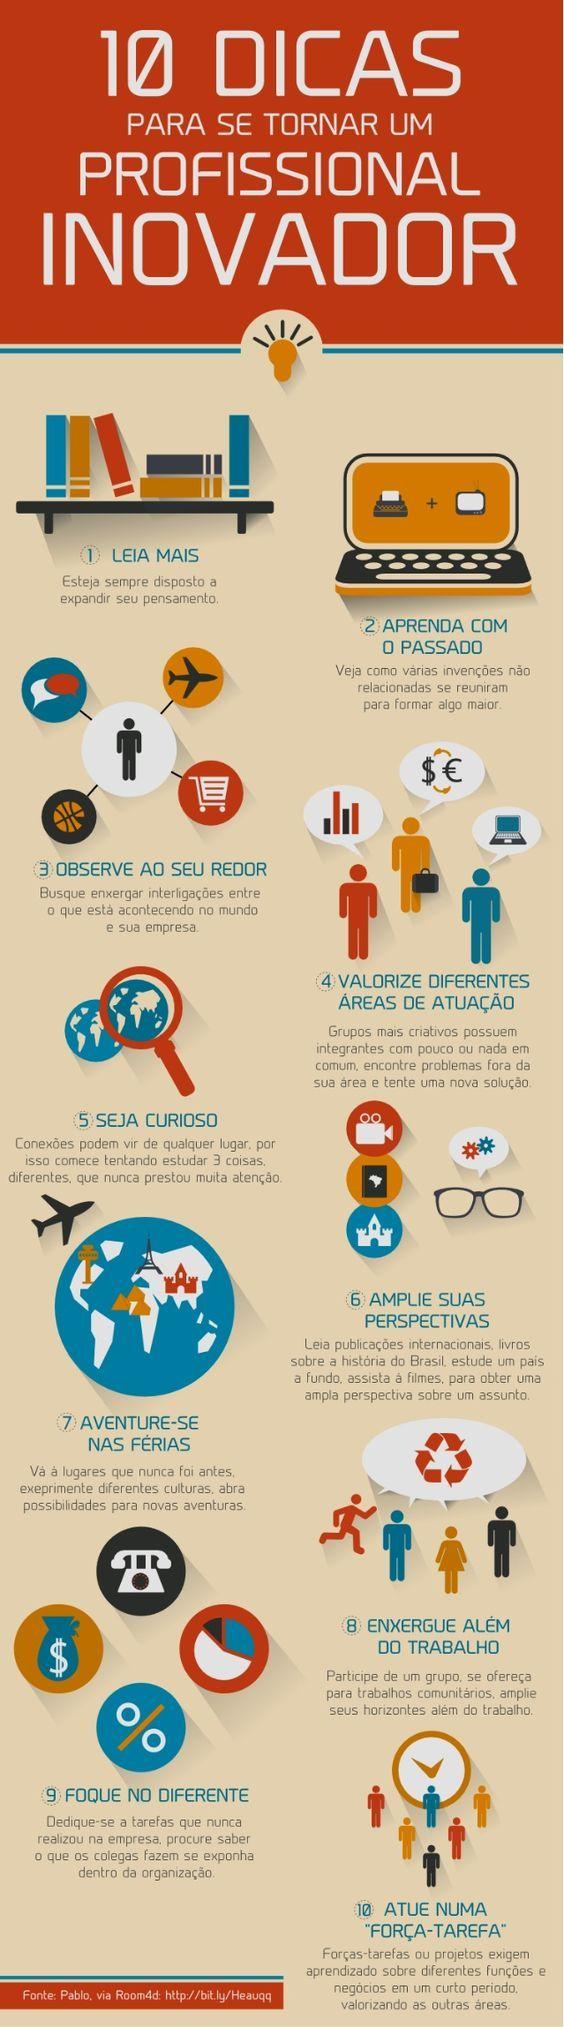 10 dicas para se tornar um profissional inovador | #conhecimento #infográfico #infographic: